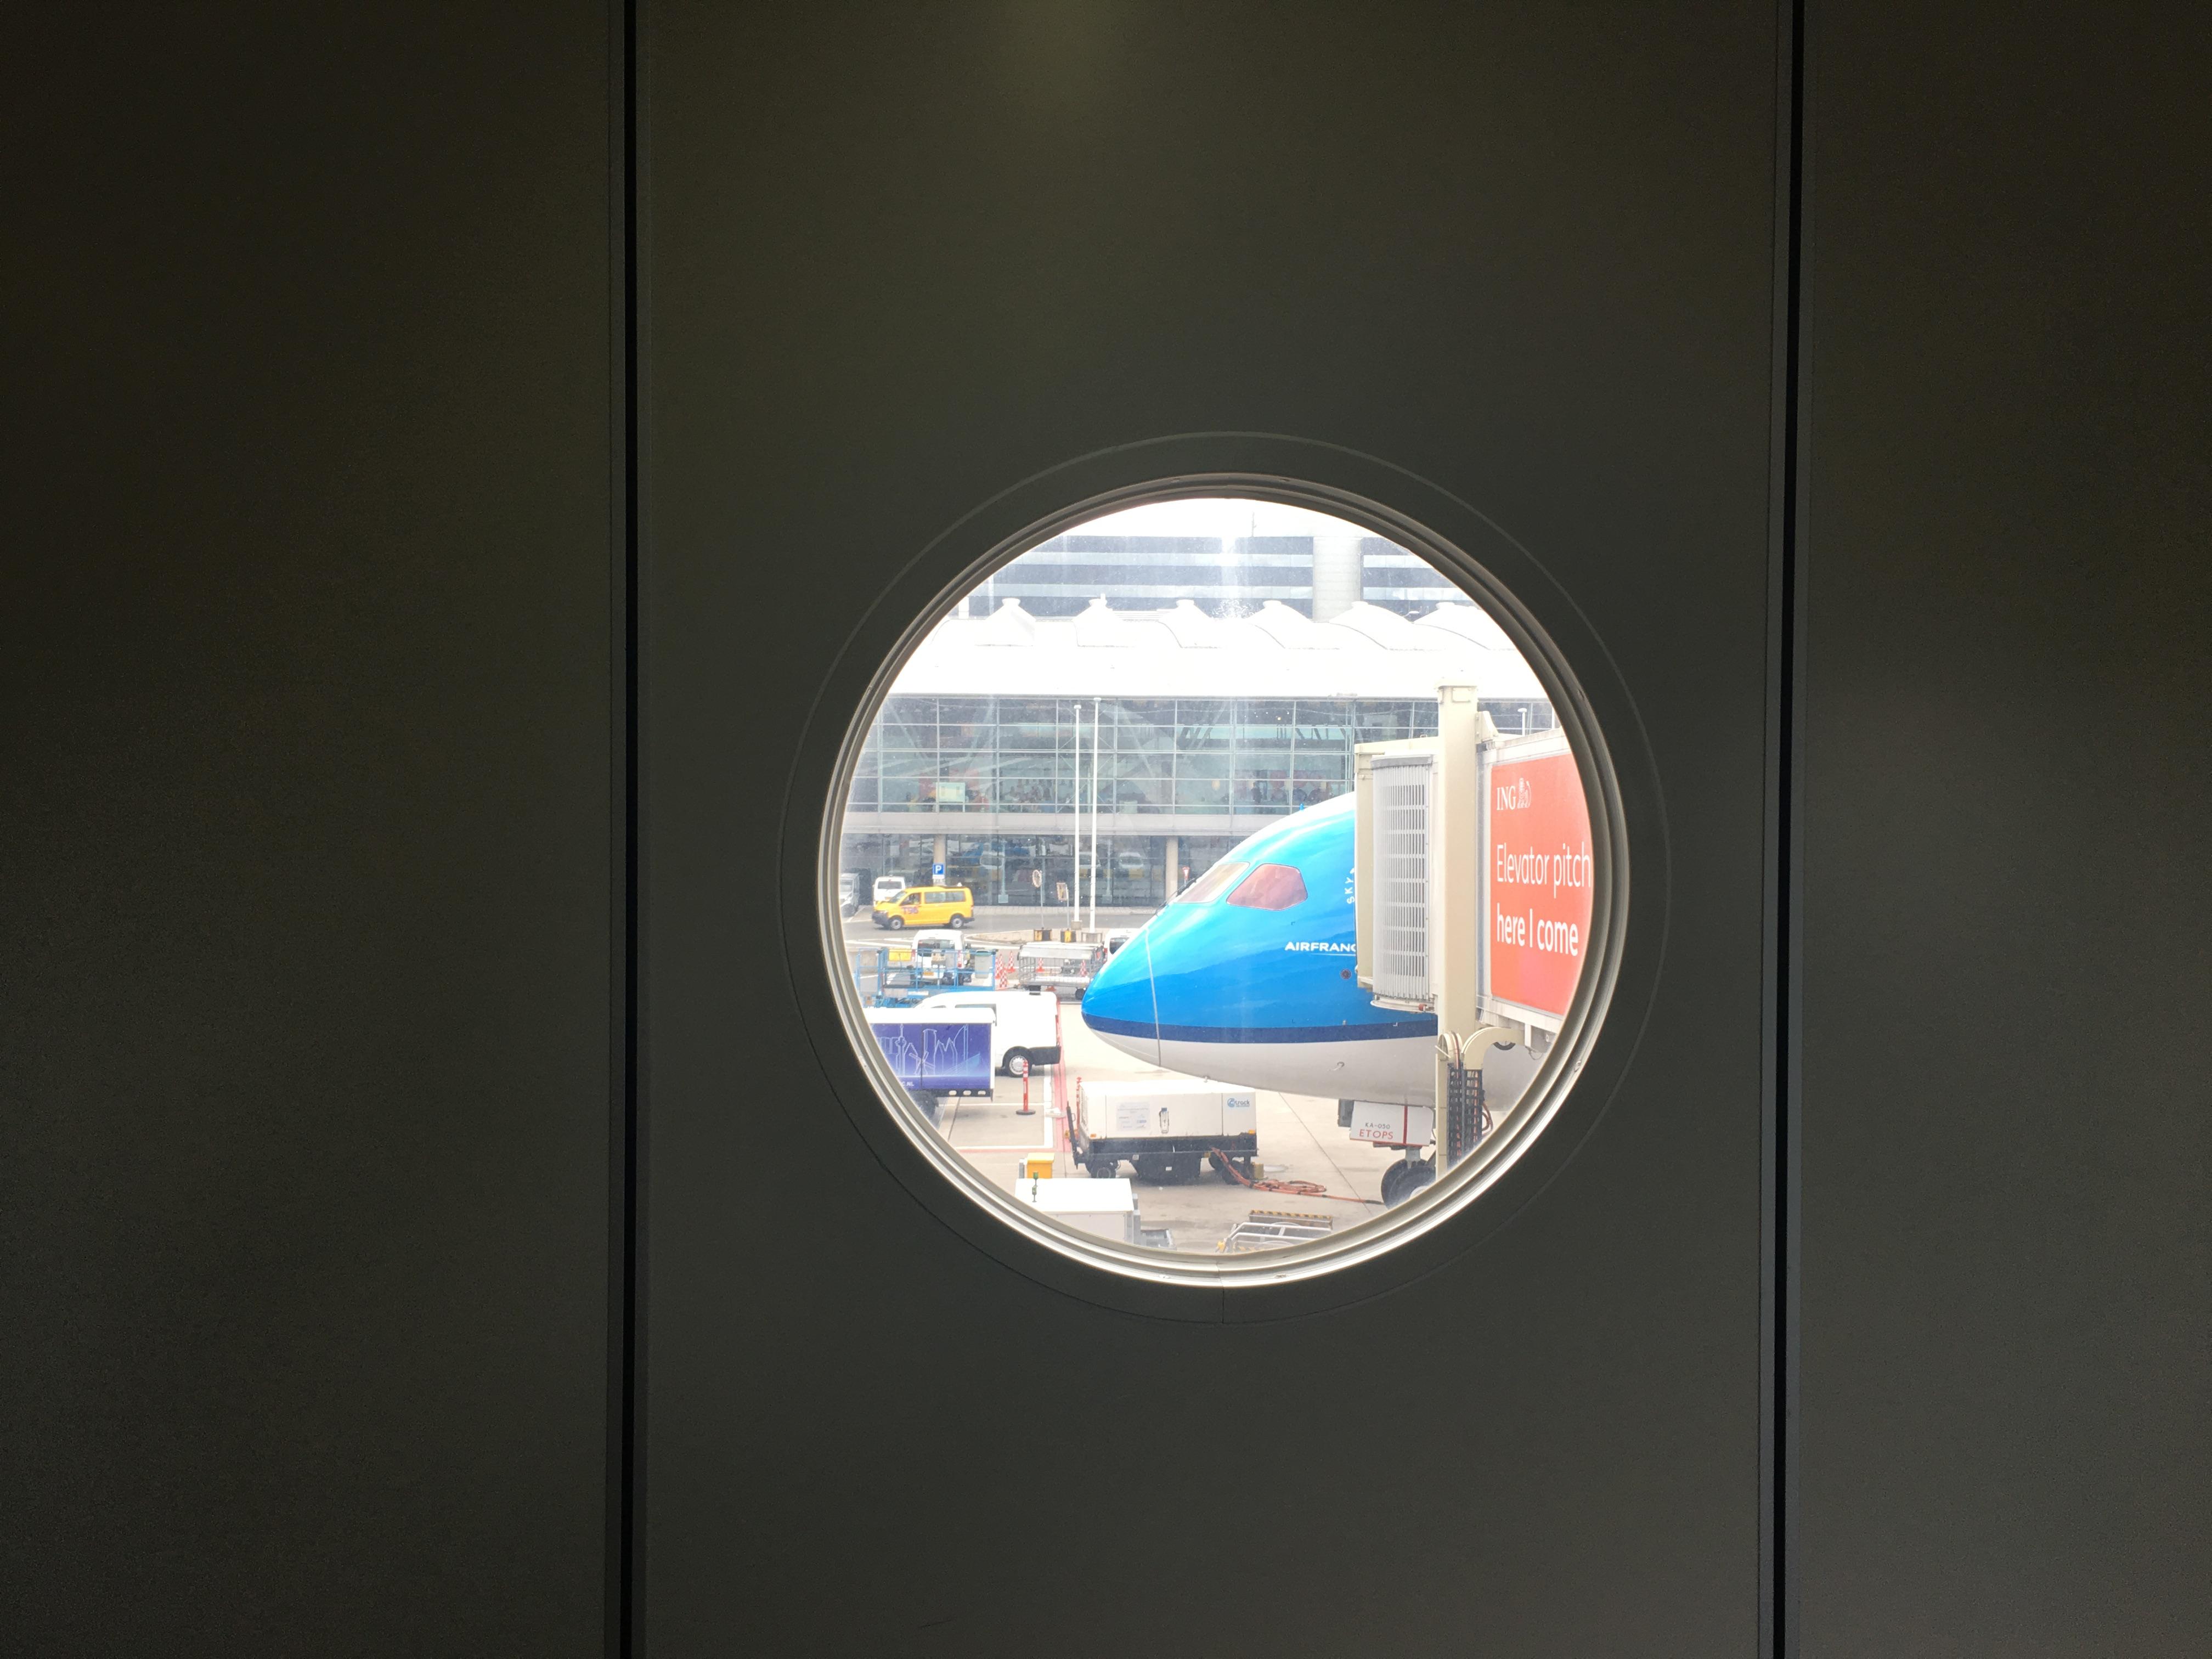 バースデーフライト2019(アムステルダム(AMS) – ドバイ(DXB) KLMオランダ航空(KL) KL427)